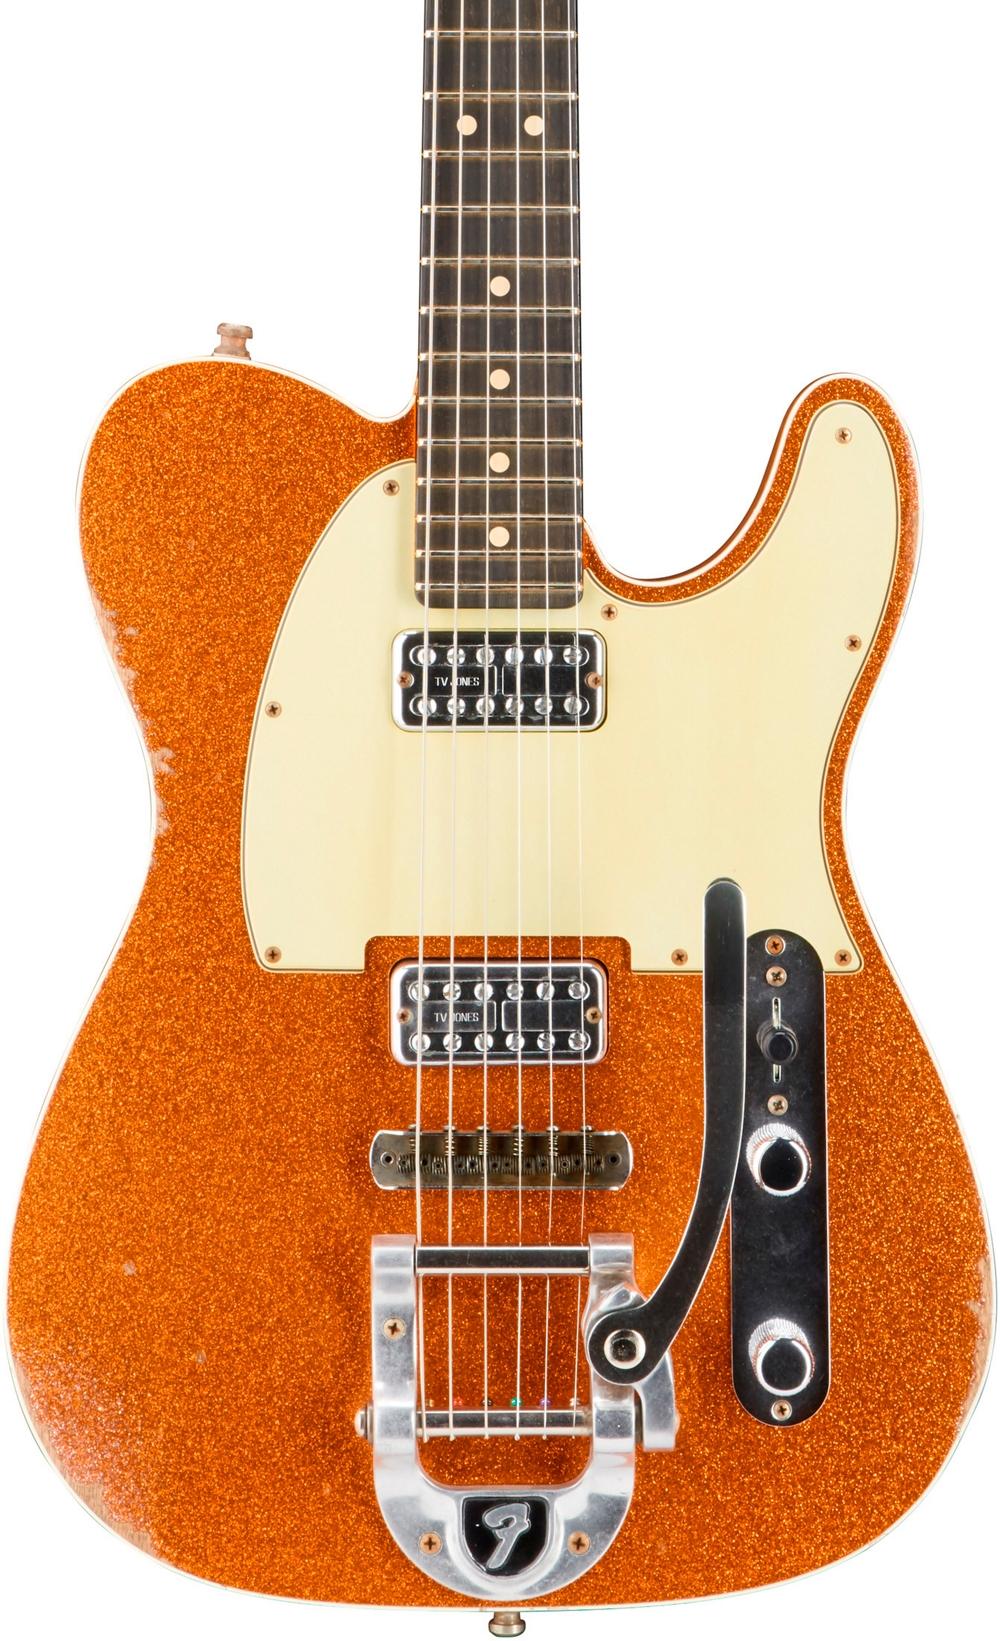 fender custom shop double tv jones telecaster relic guitar bigsby orange sparkle ebay. Black Bedroom Furniture Sets. Home Design Ideas